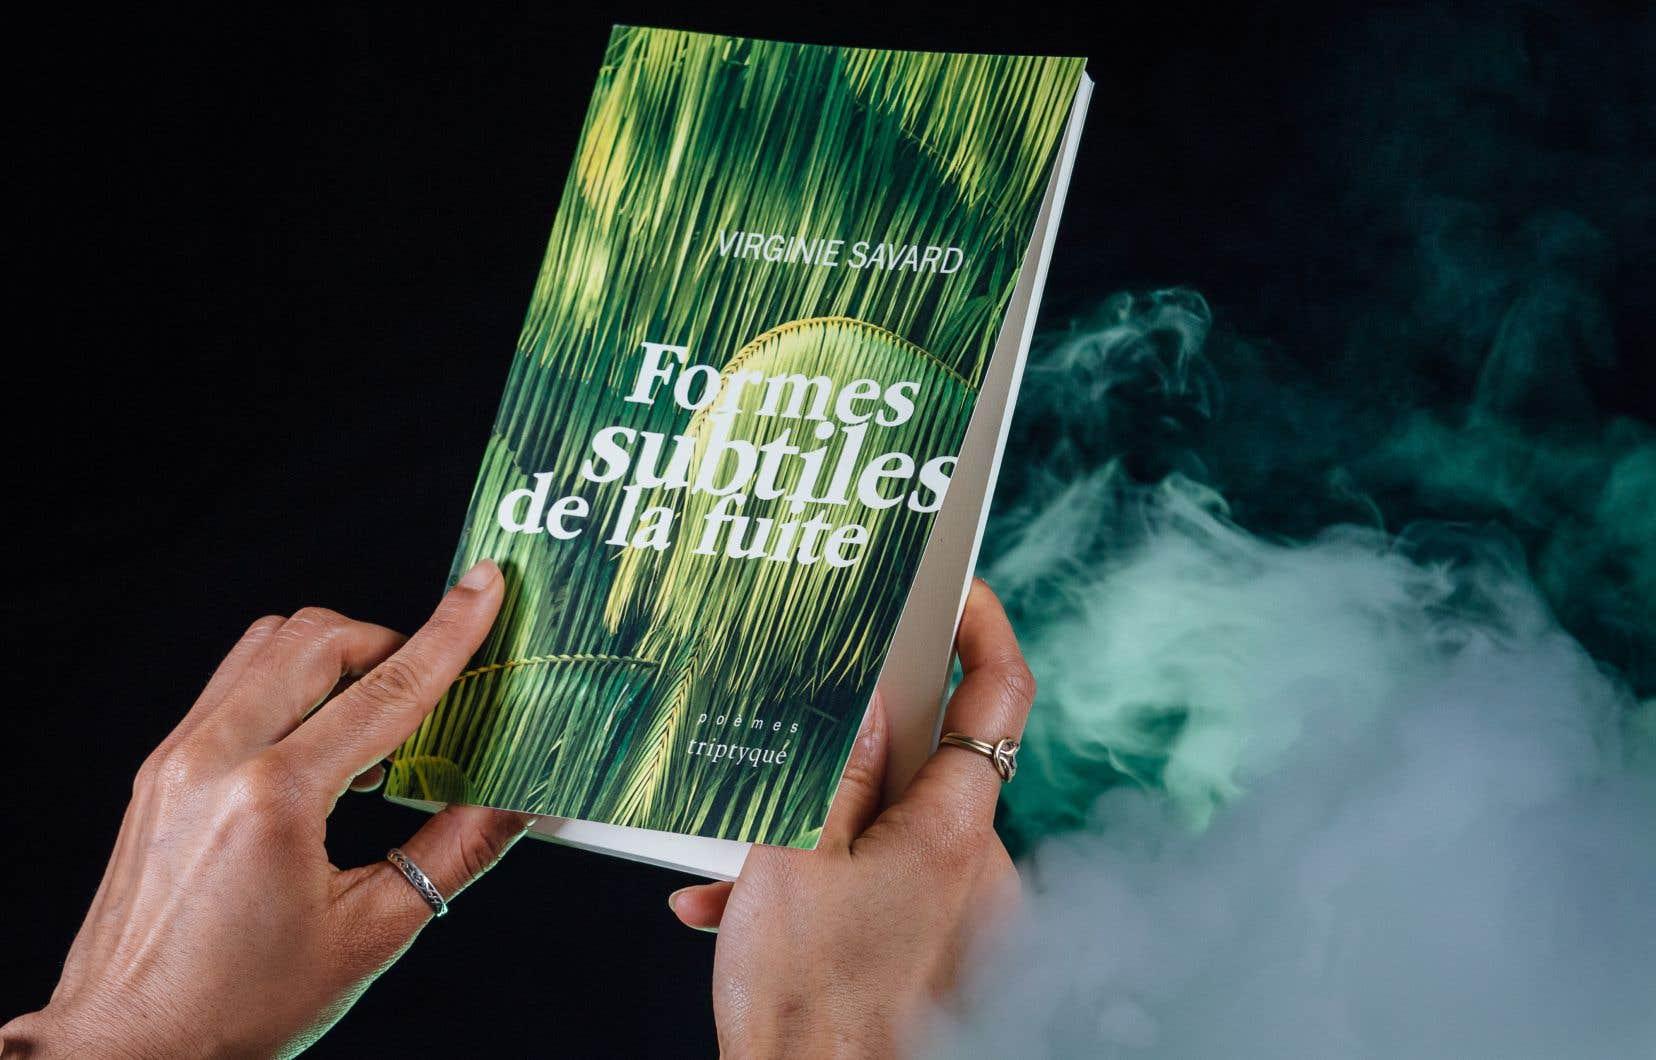 Le recueil «Formes subtiles de la fuite», de Virginie Savard, retrace les angoisses surgissant d'un univers hostile, s'obstine à faire battre le cœur essentiel.